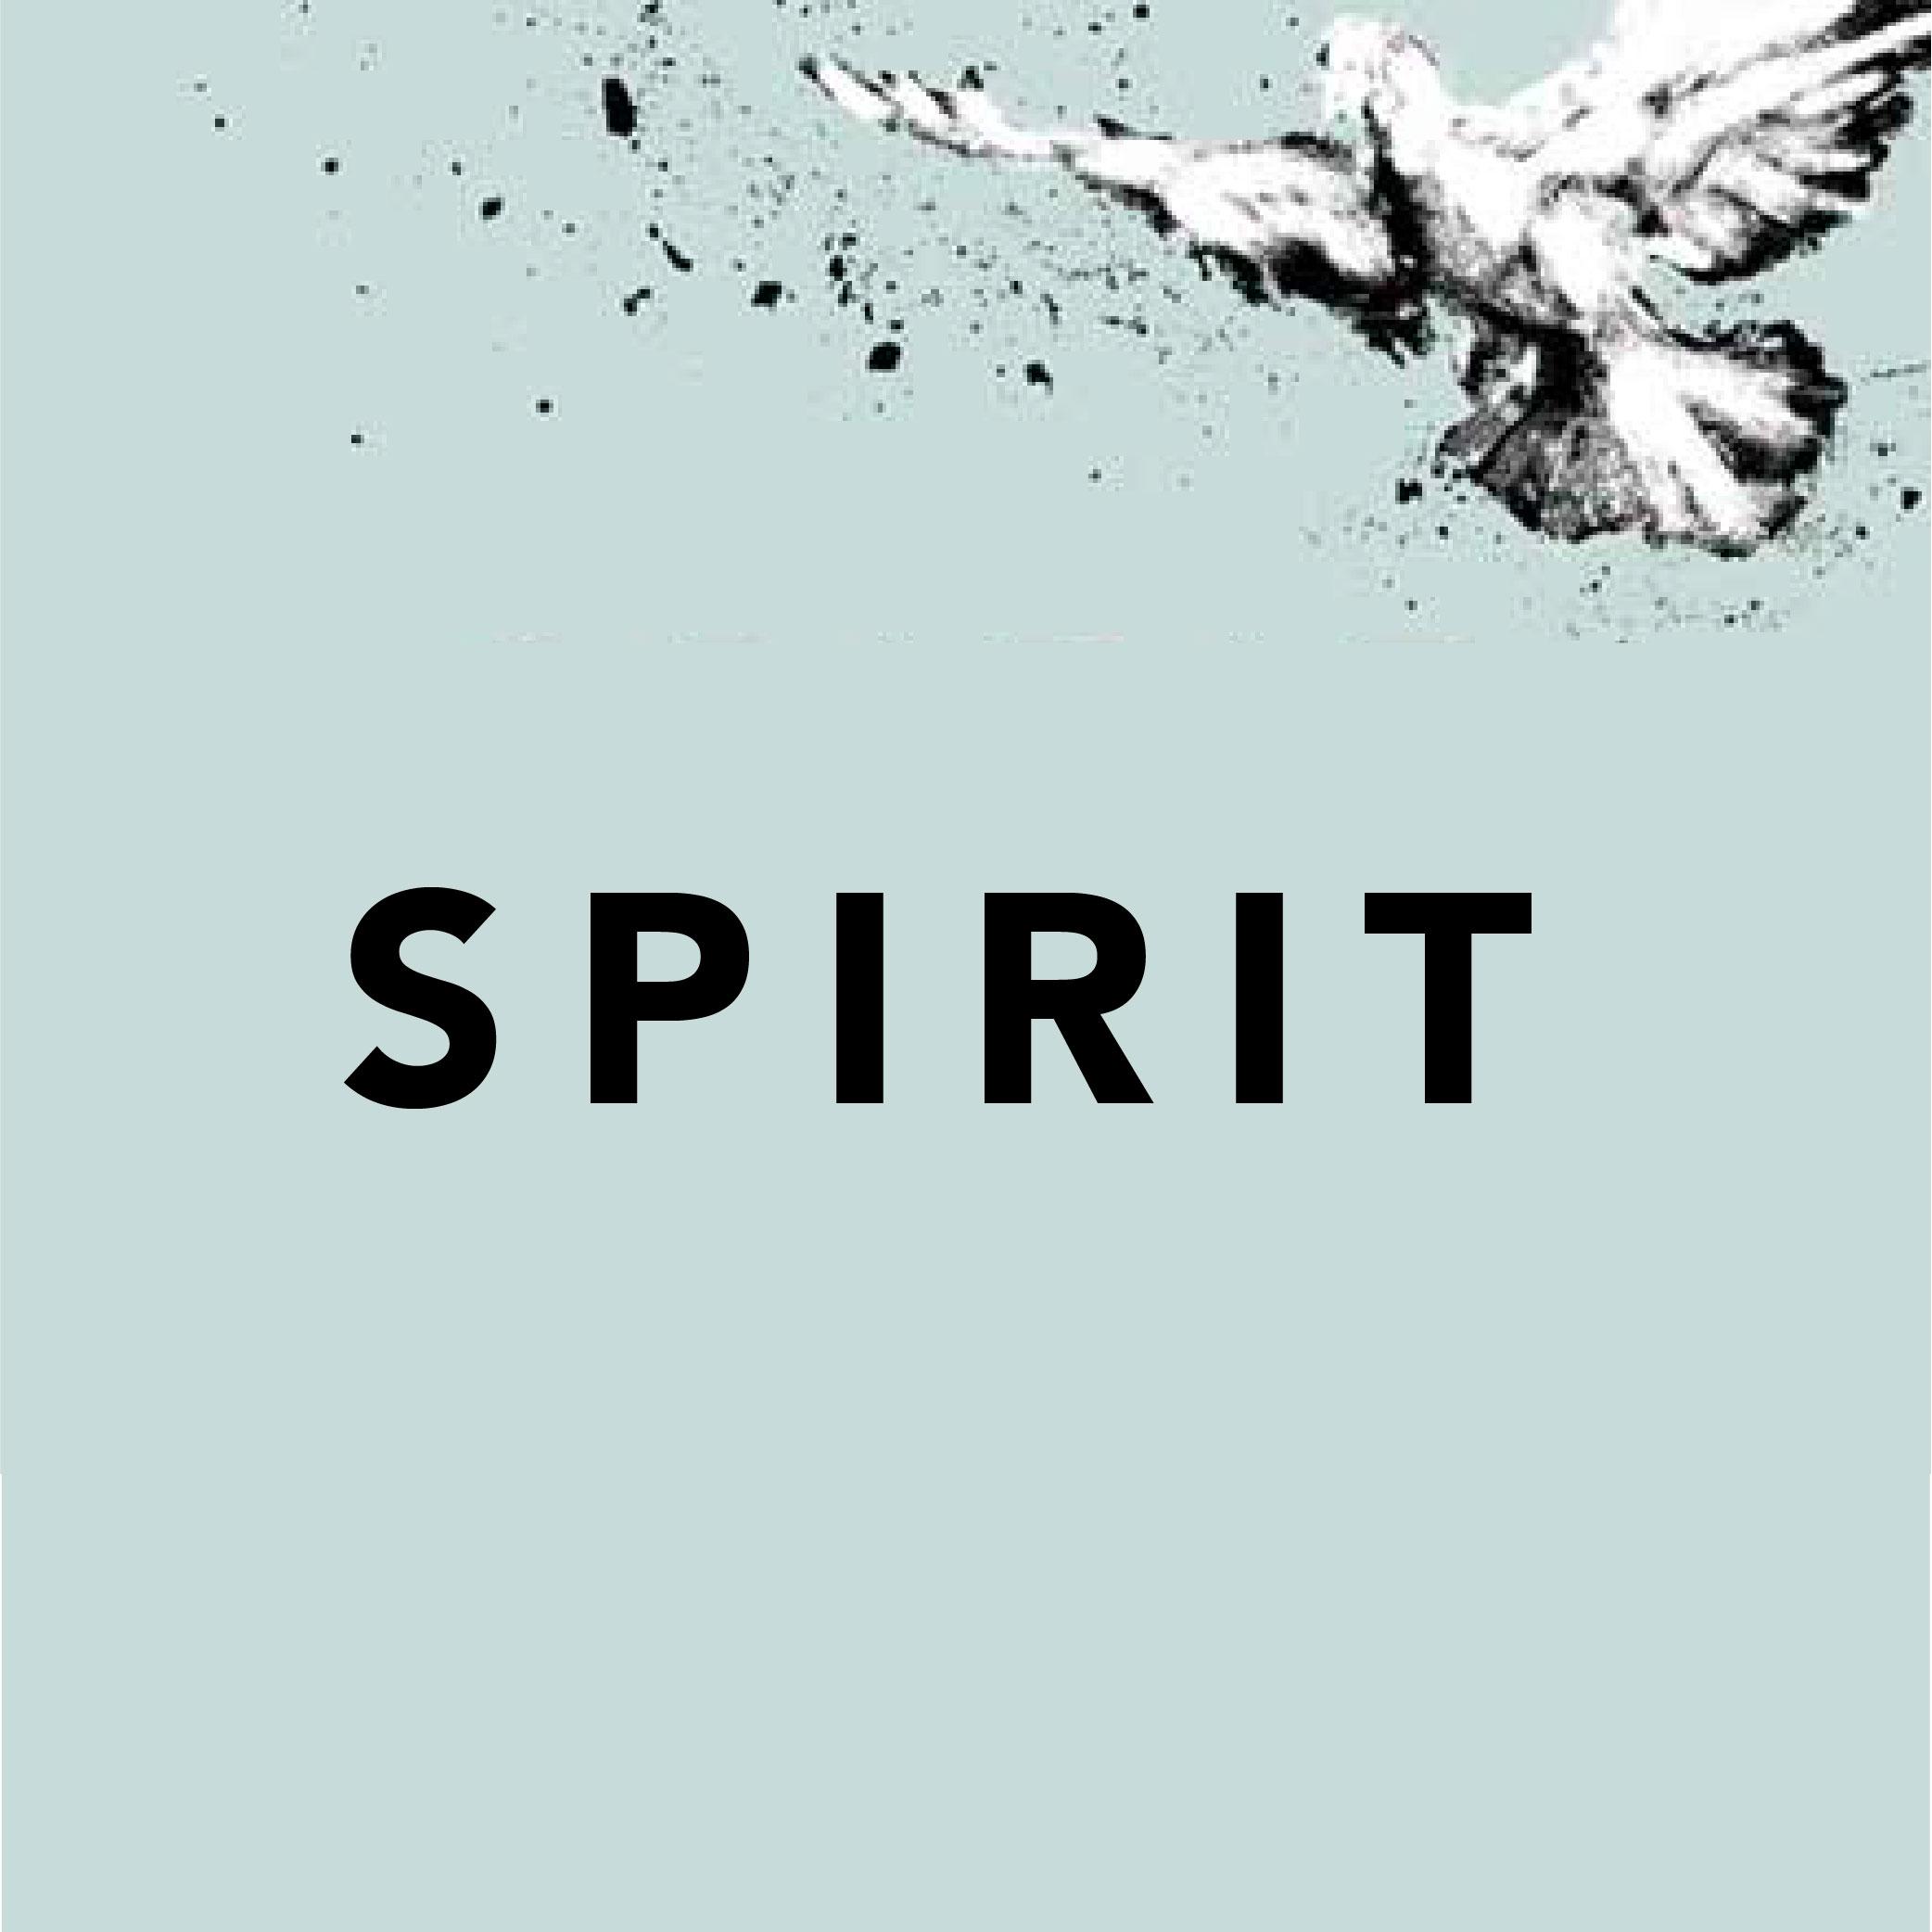 SPIRIT-01.jpg